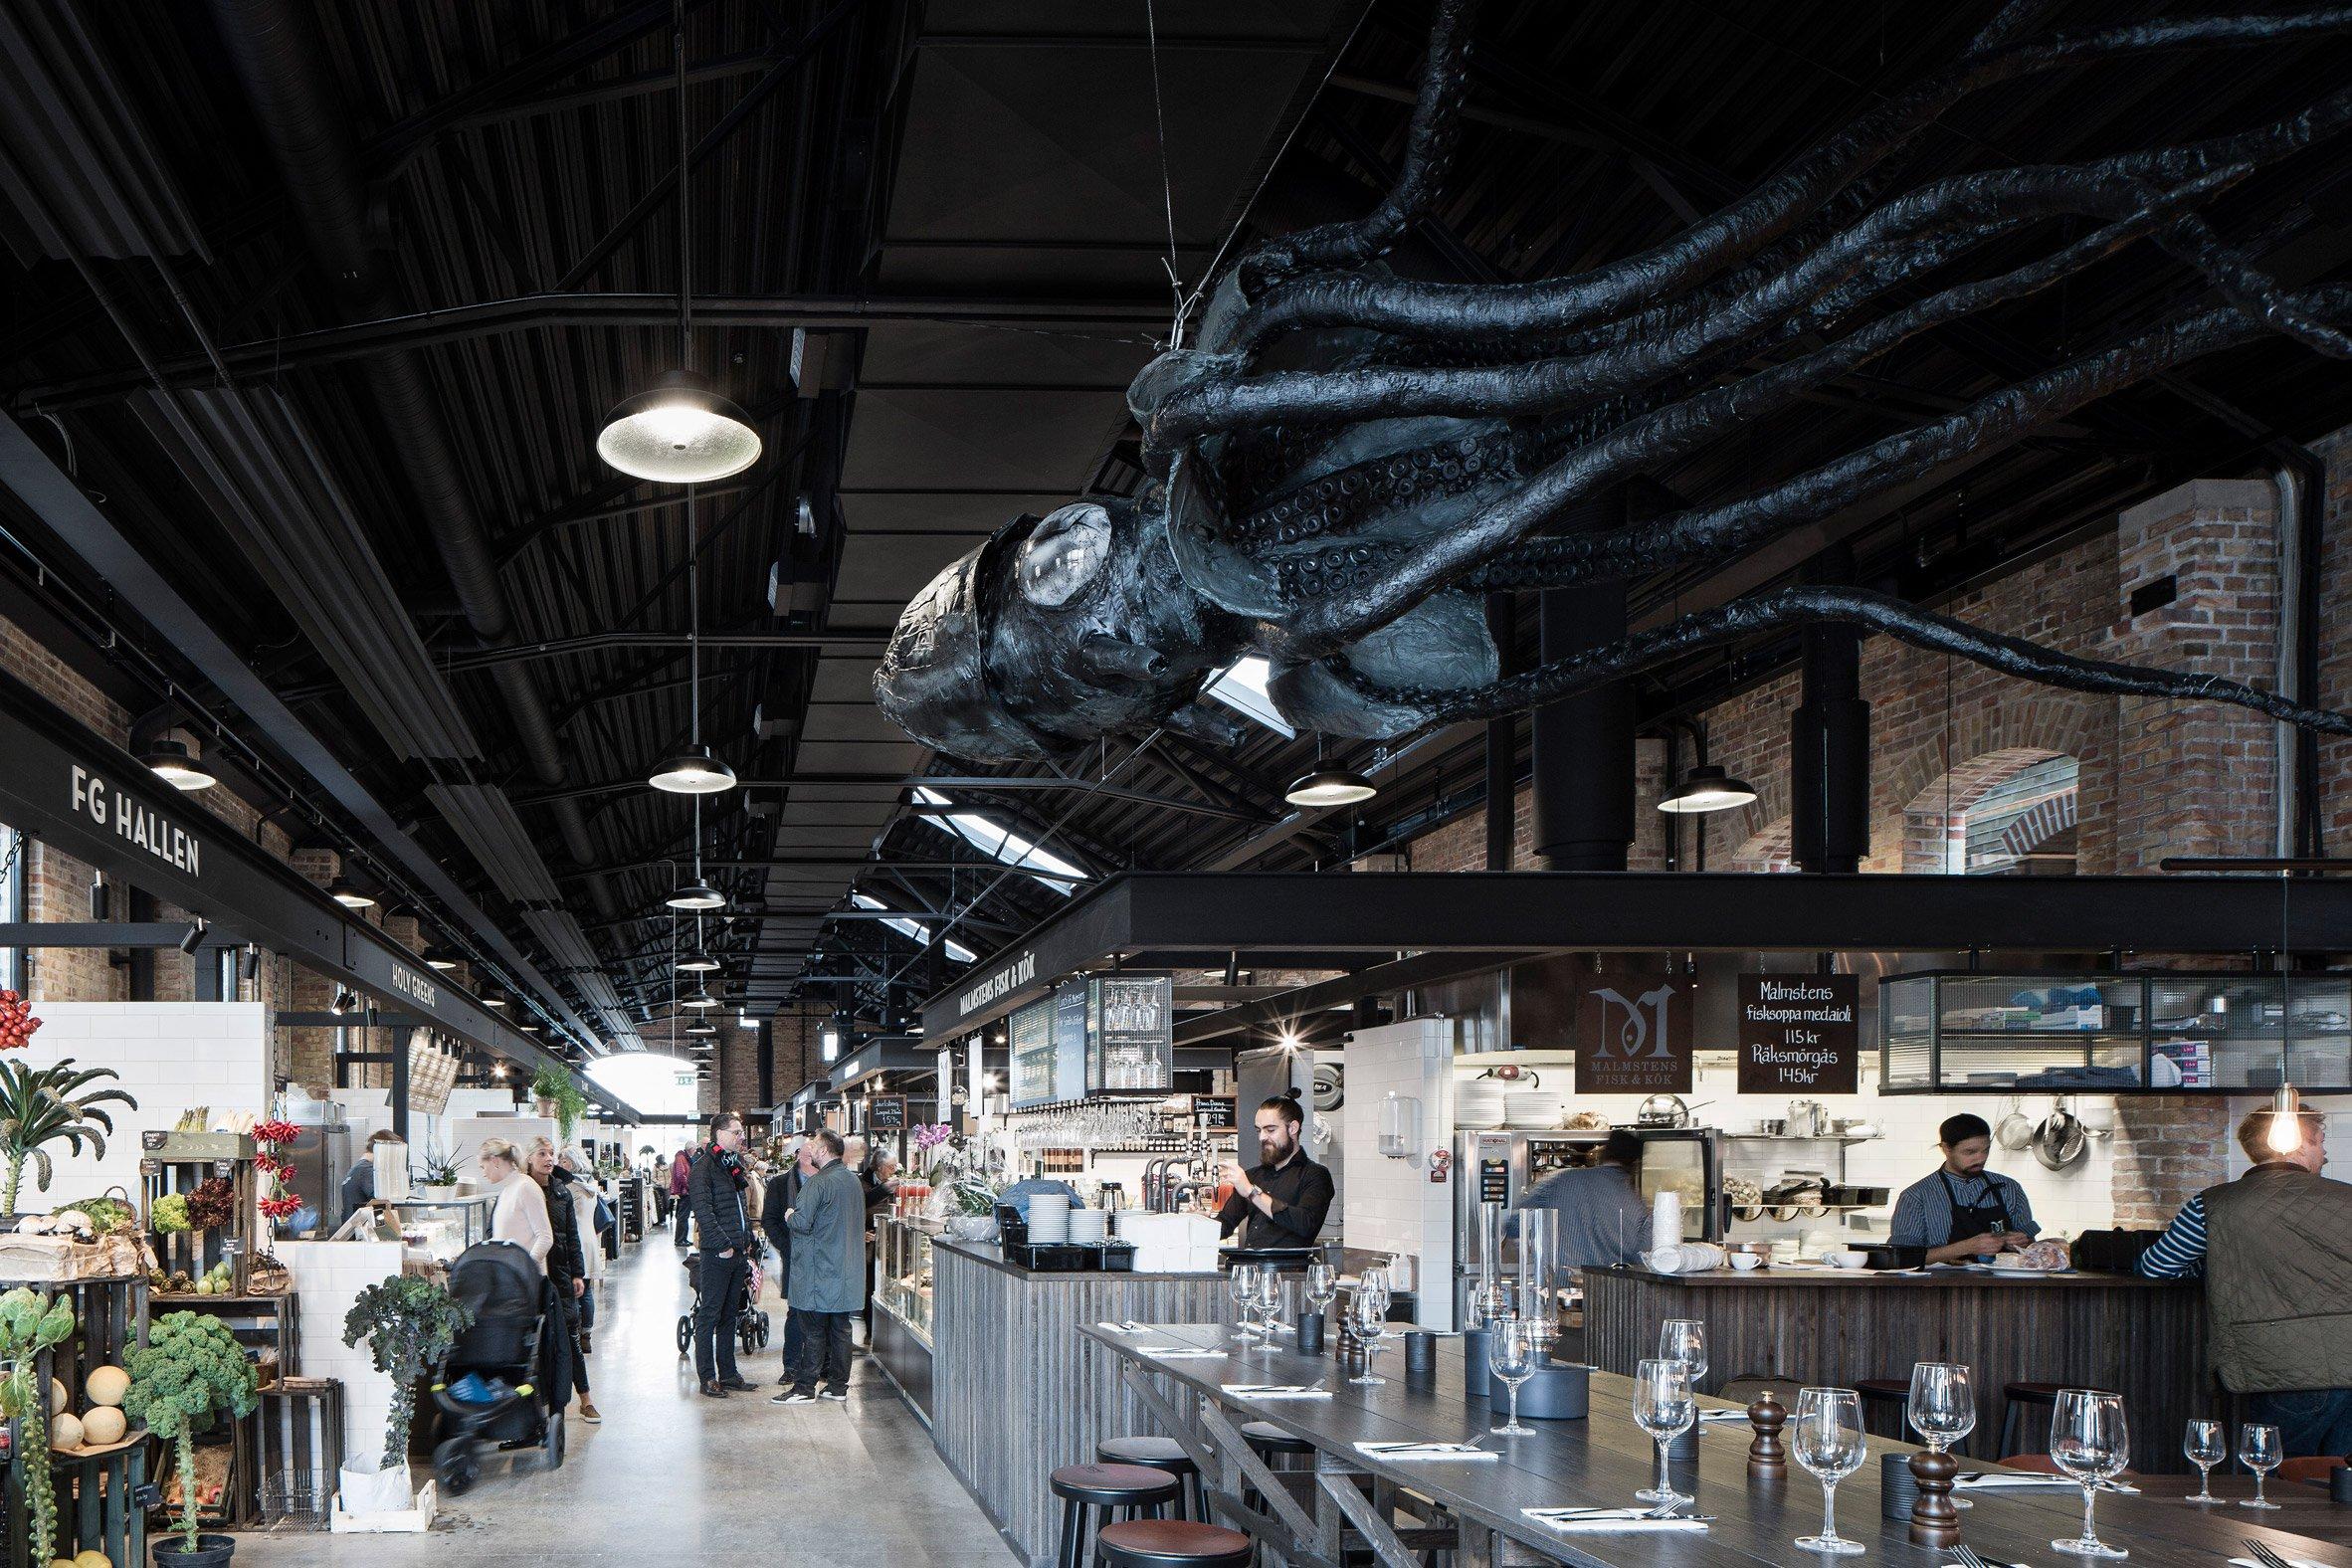 Malmo Market Hall